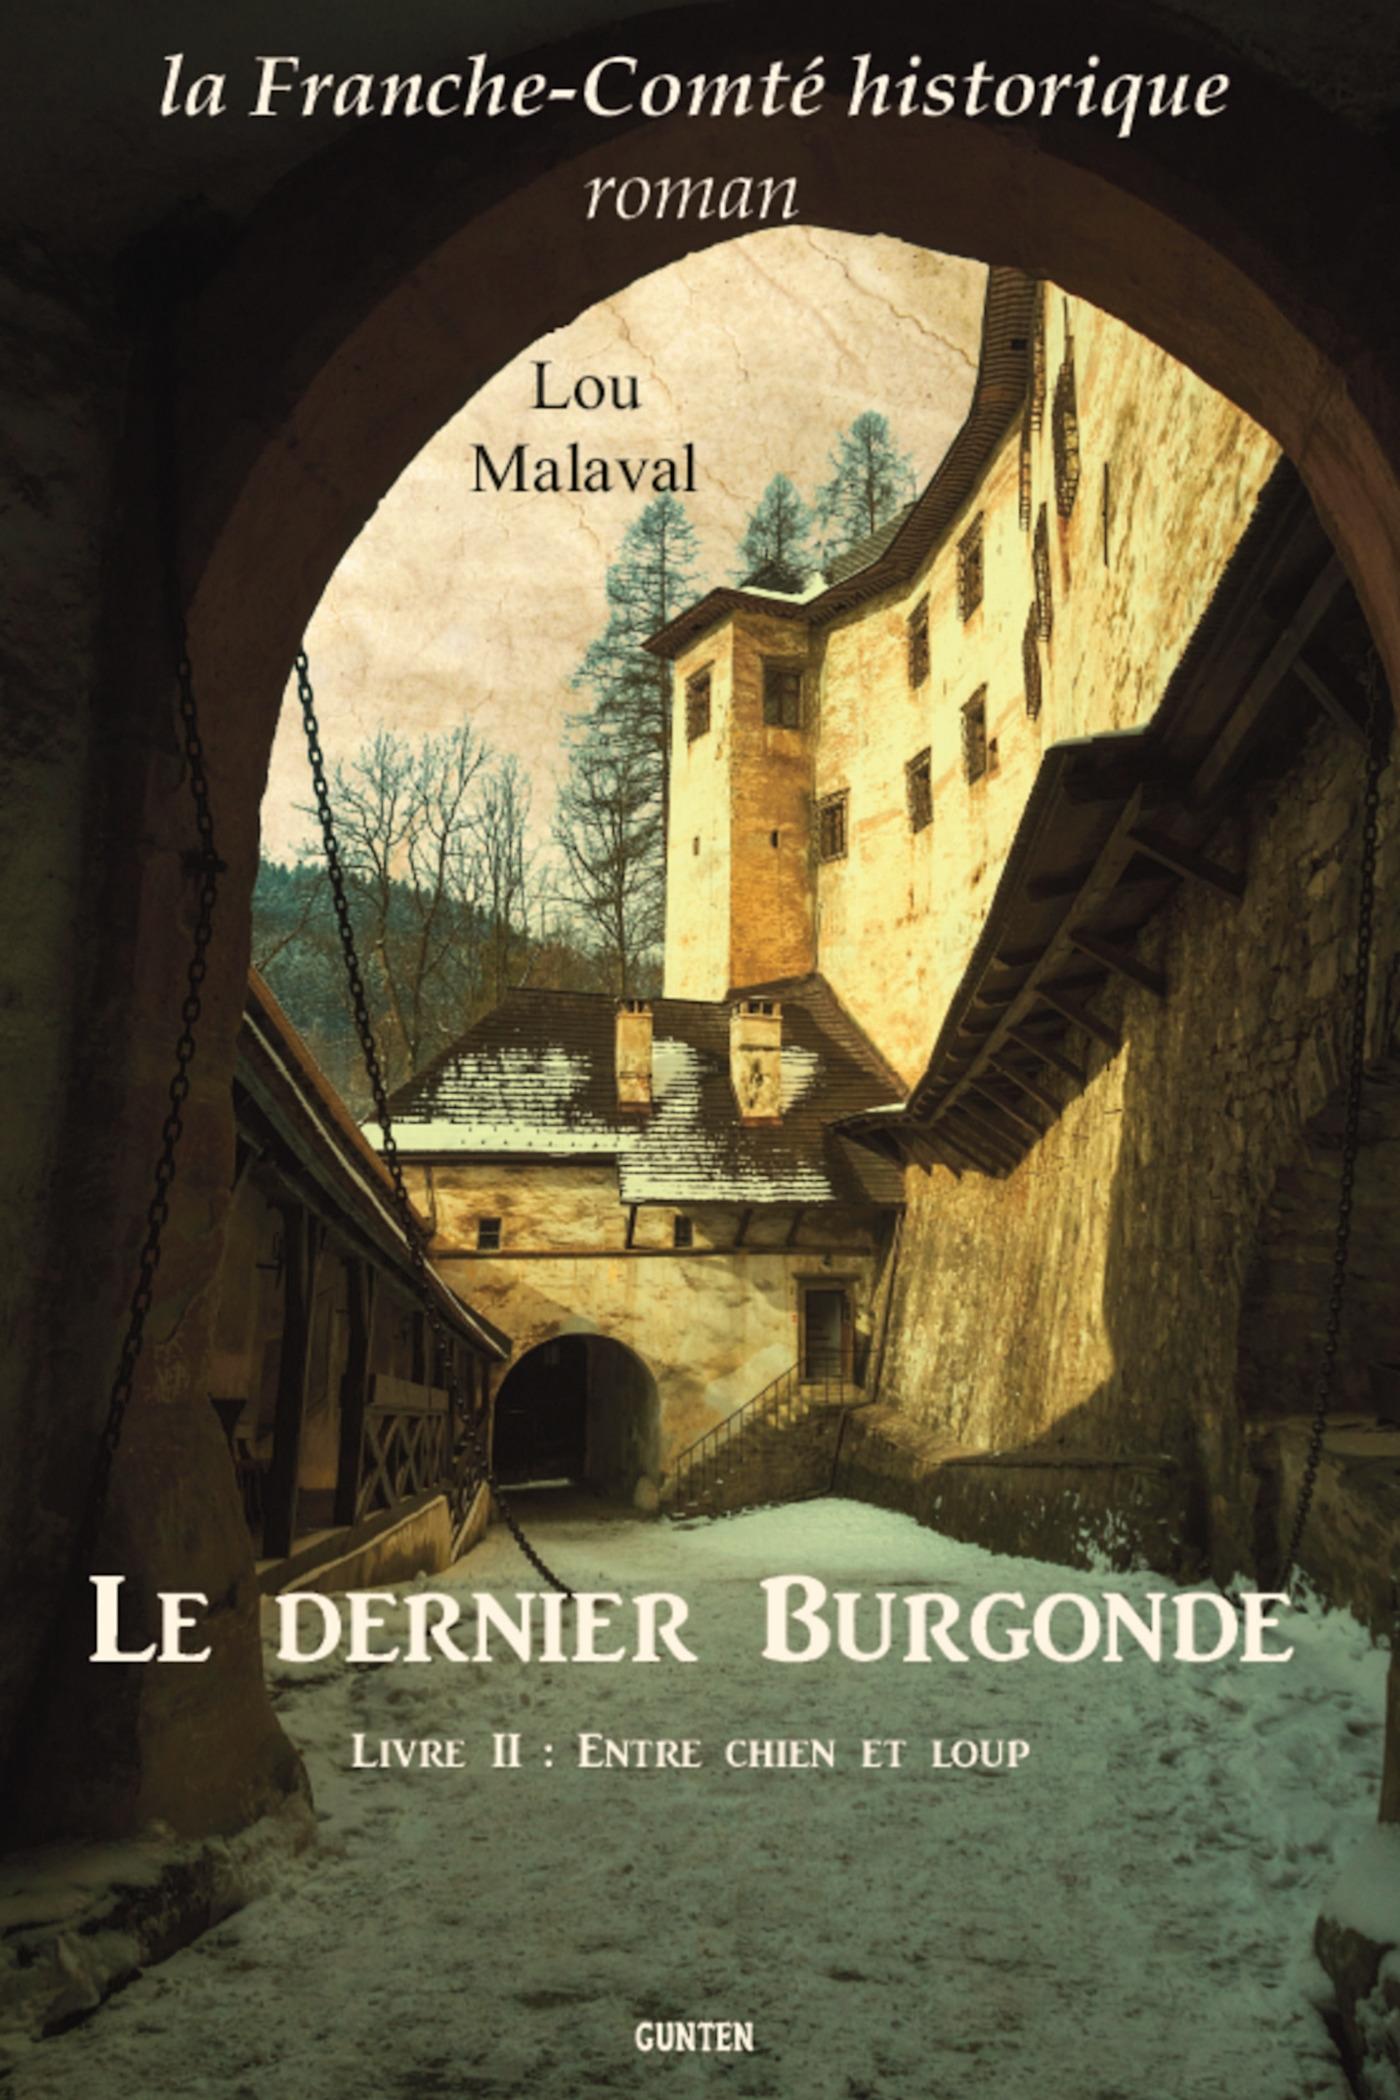 Le Dernier Burgonde - Livre II : Entre Chien et Loup